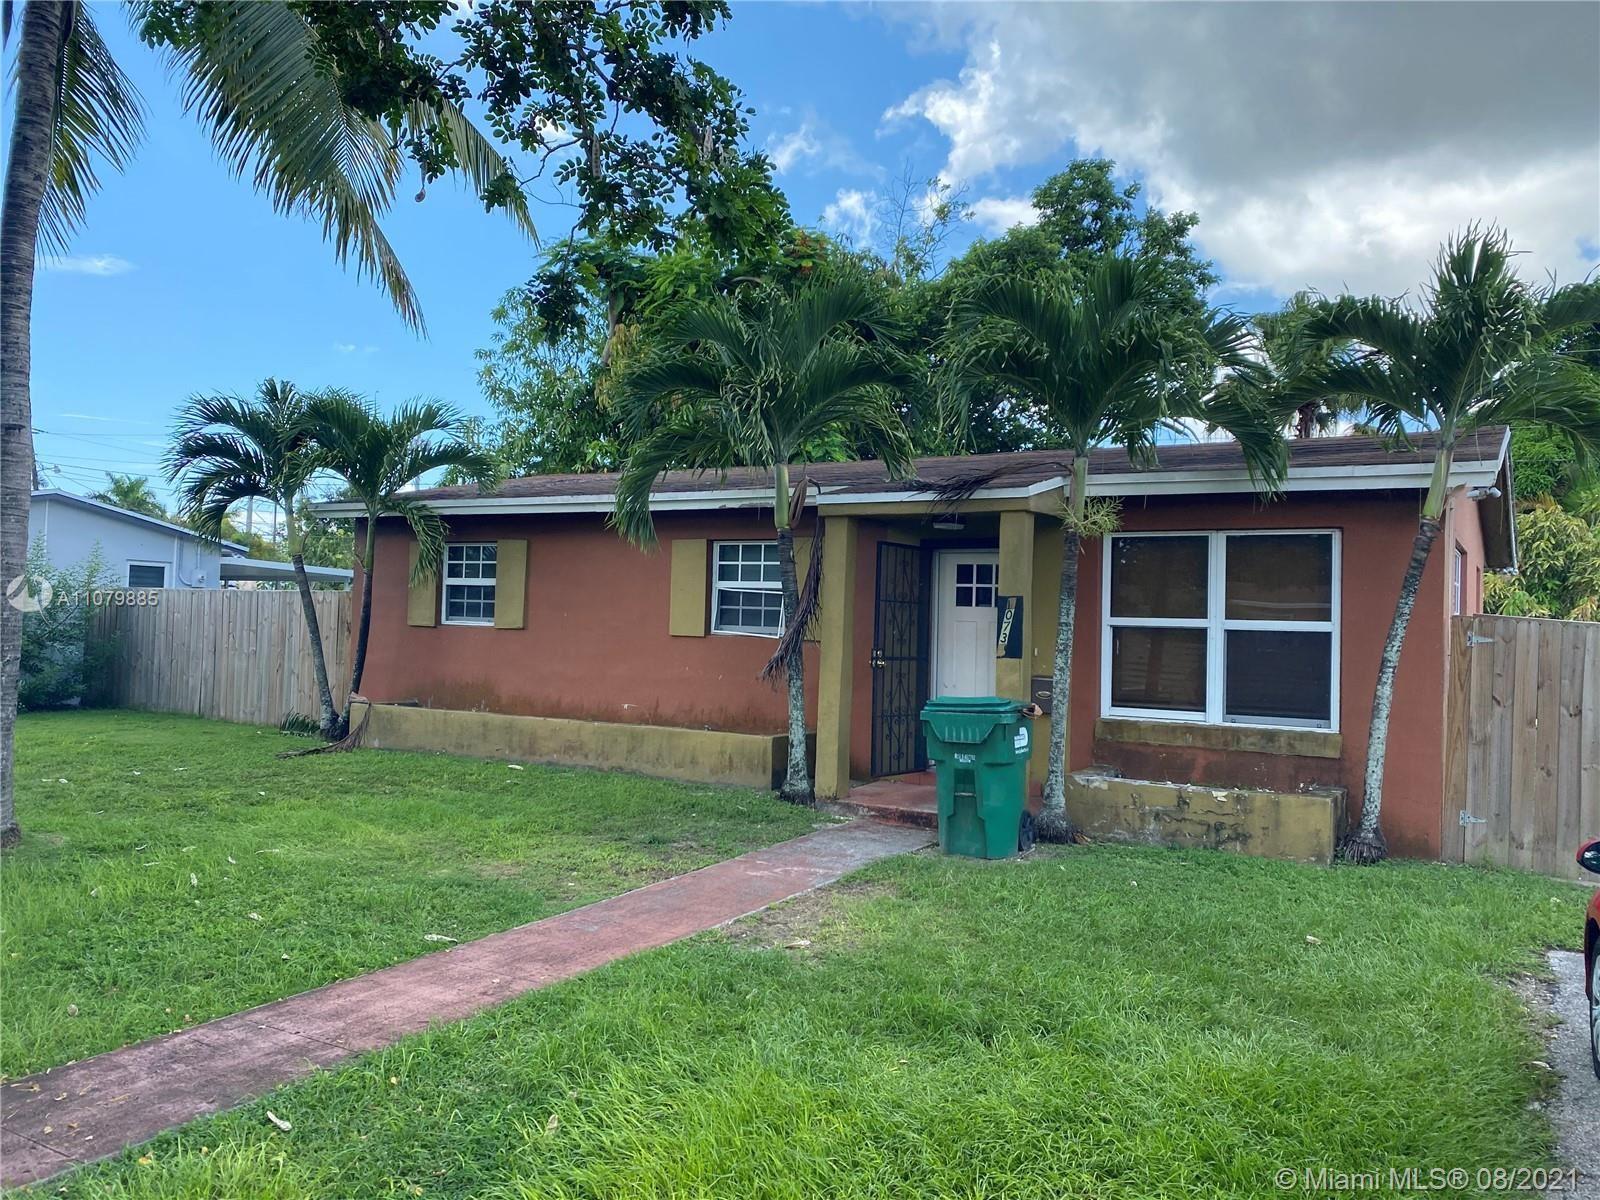 10730 SW 150th Ter, Miami, FL 33176 - #: A11079885